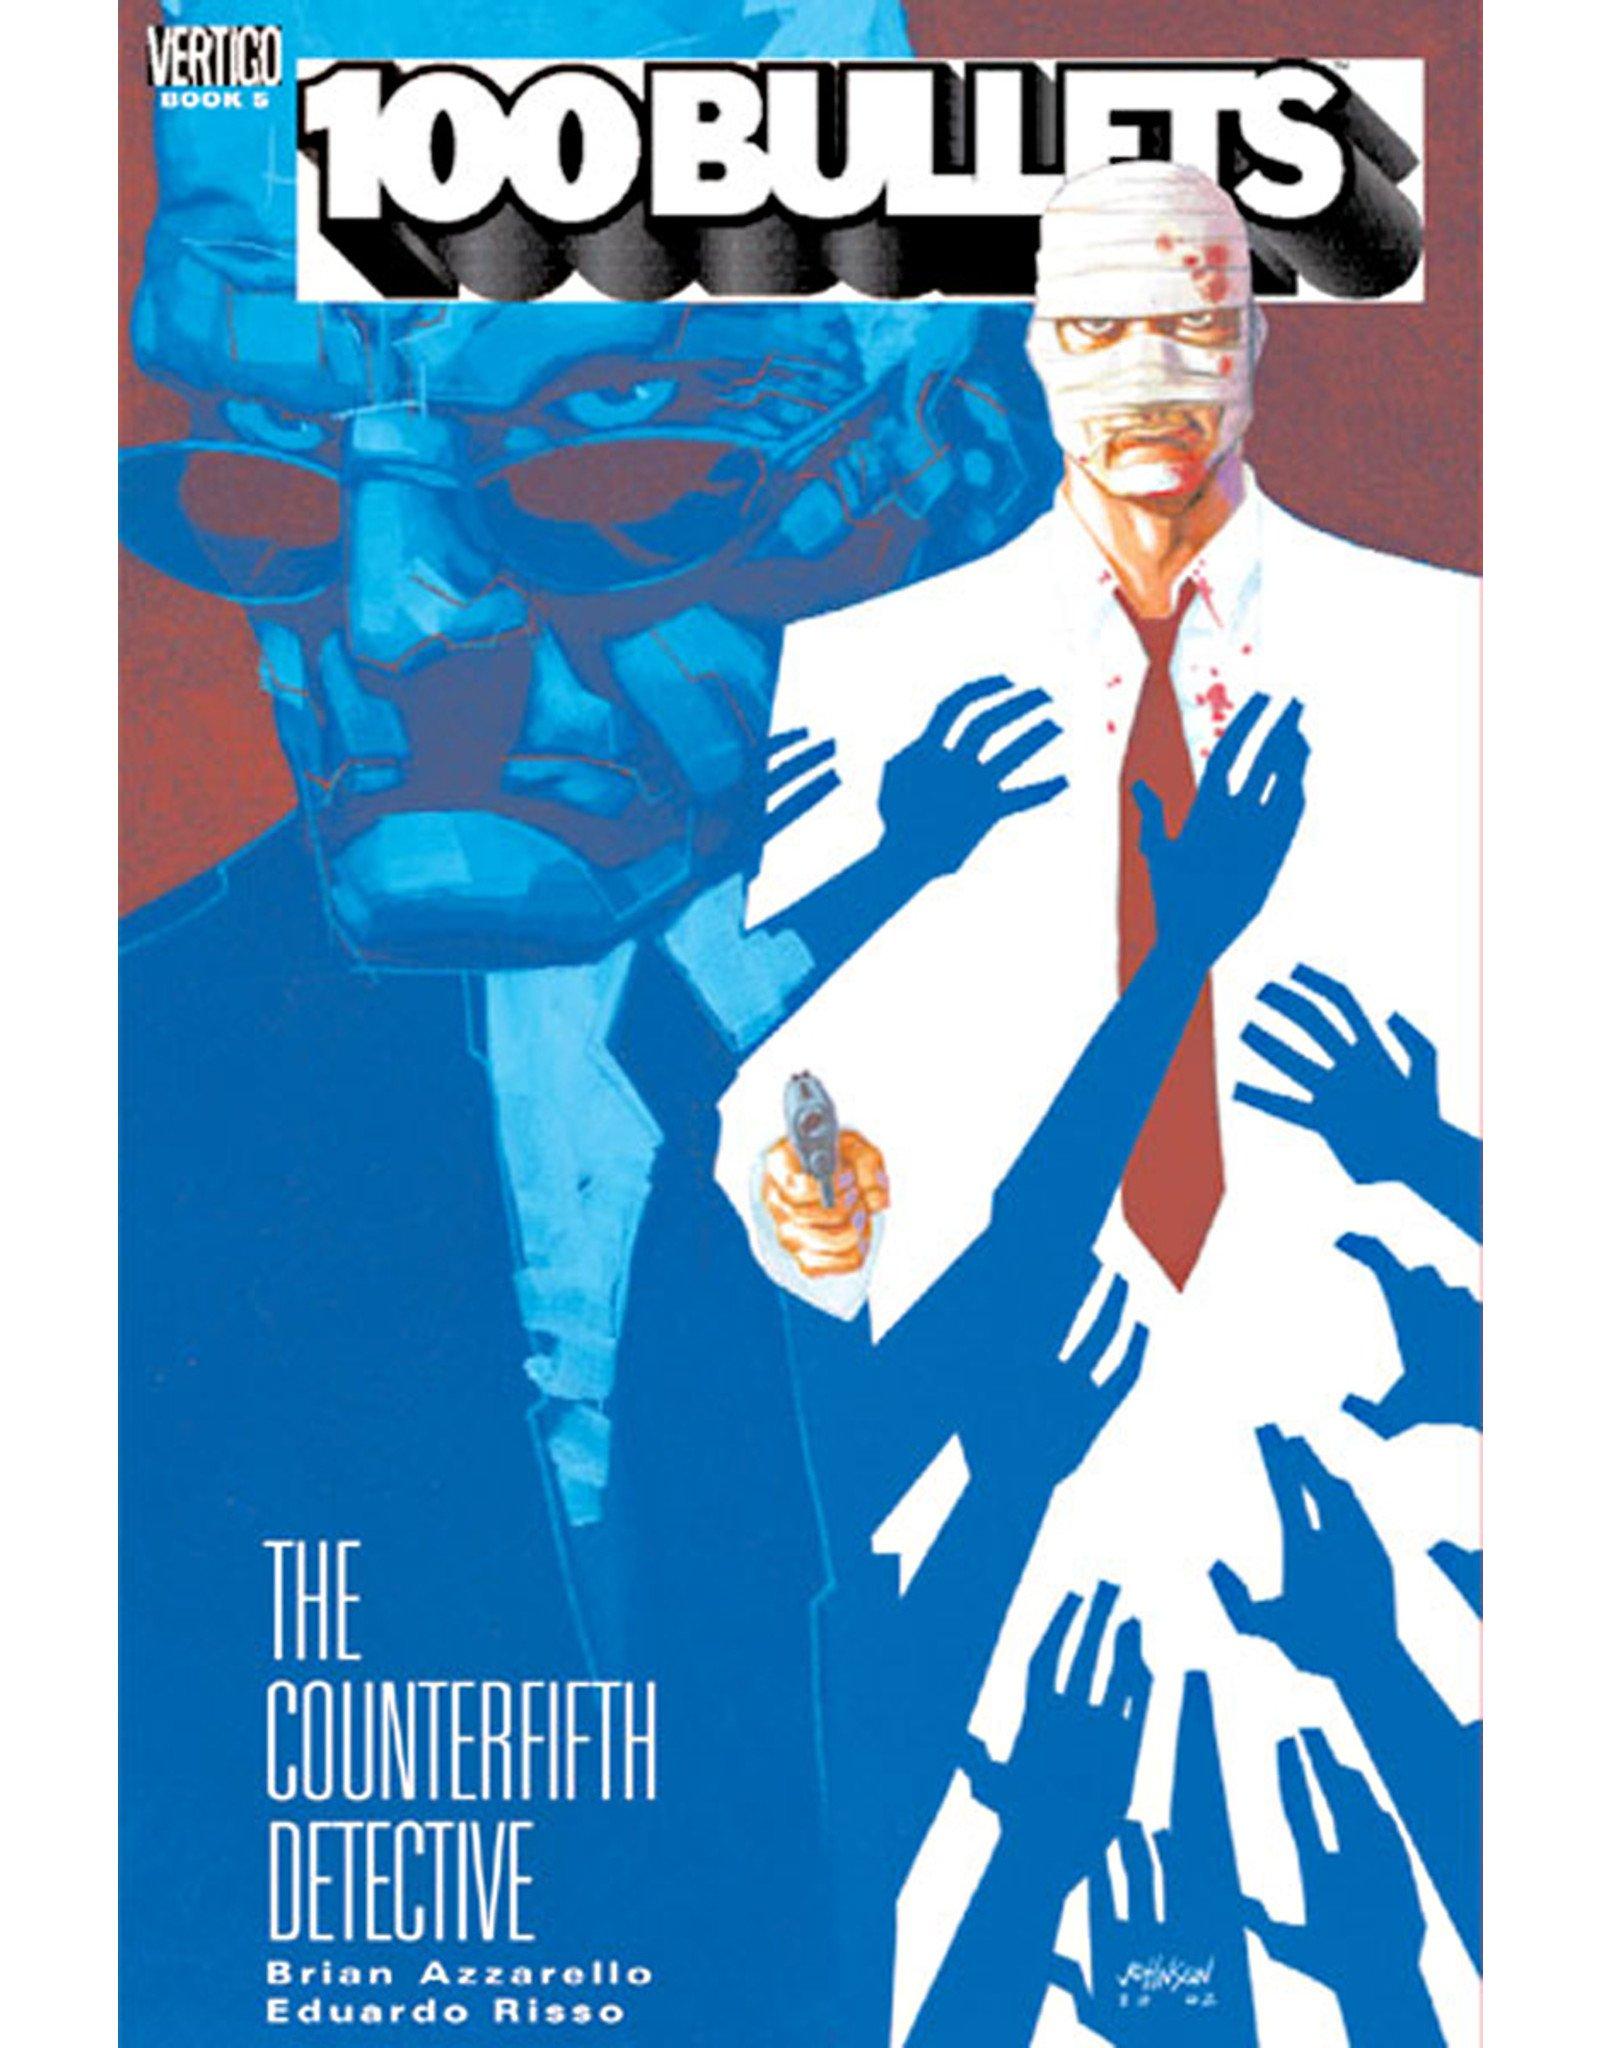 DC COMICS 100 BULLETS TP VOL 05 THE COUNTERFIFTH DETECTIVE